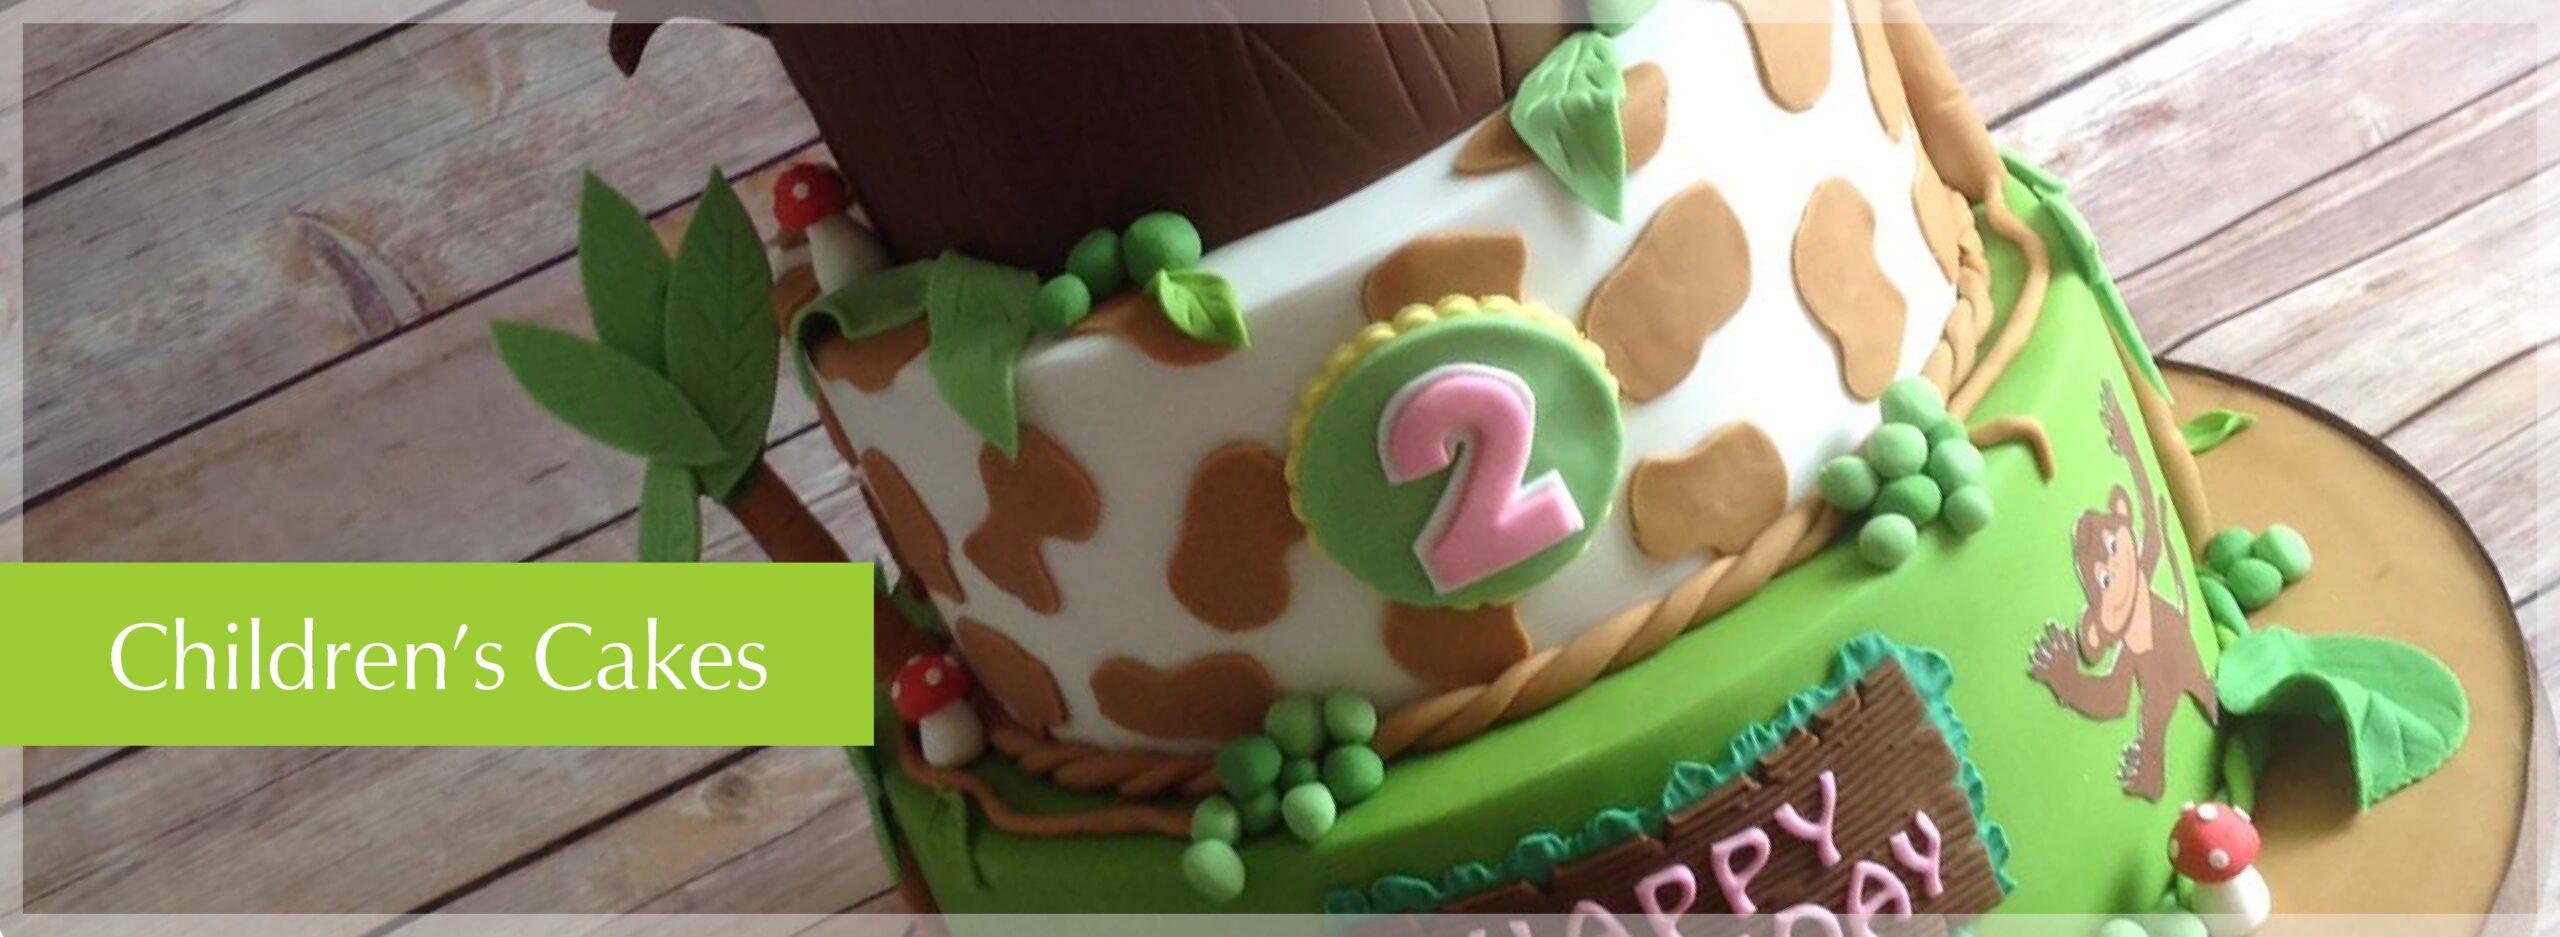 children cakes header new2